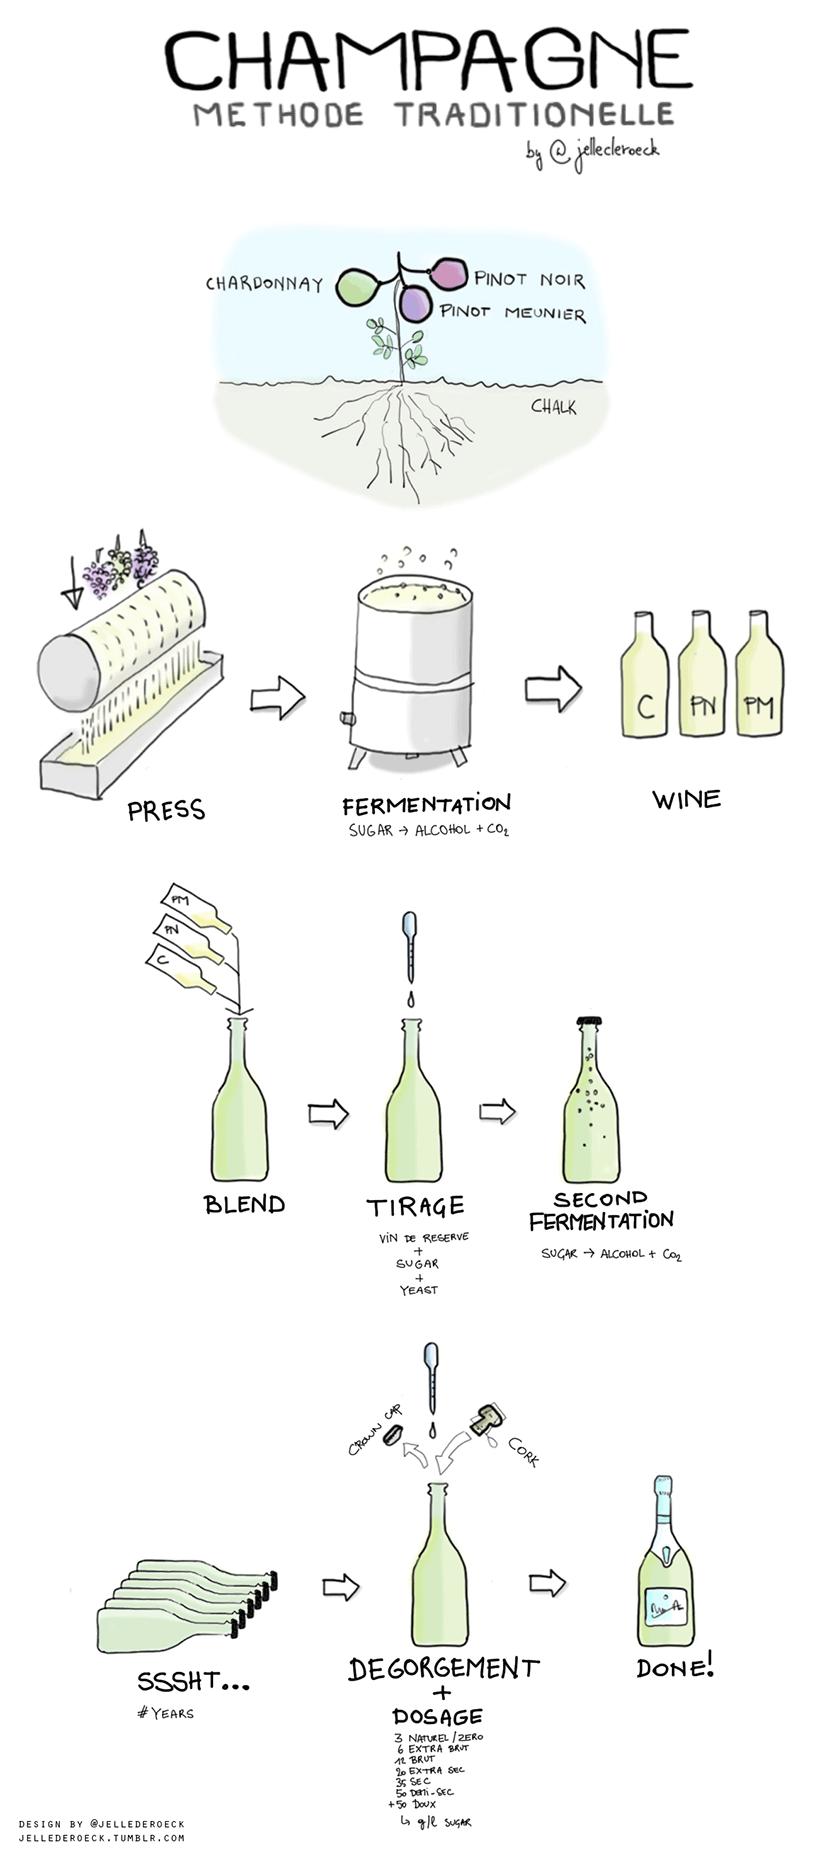 Hoe Champagne wordt gemaakt